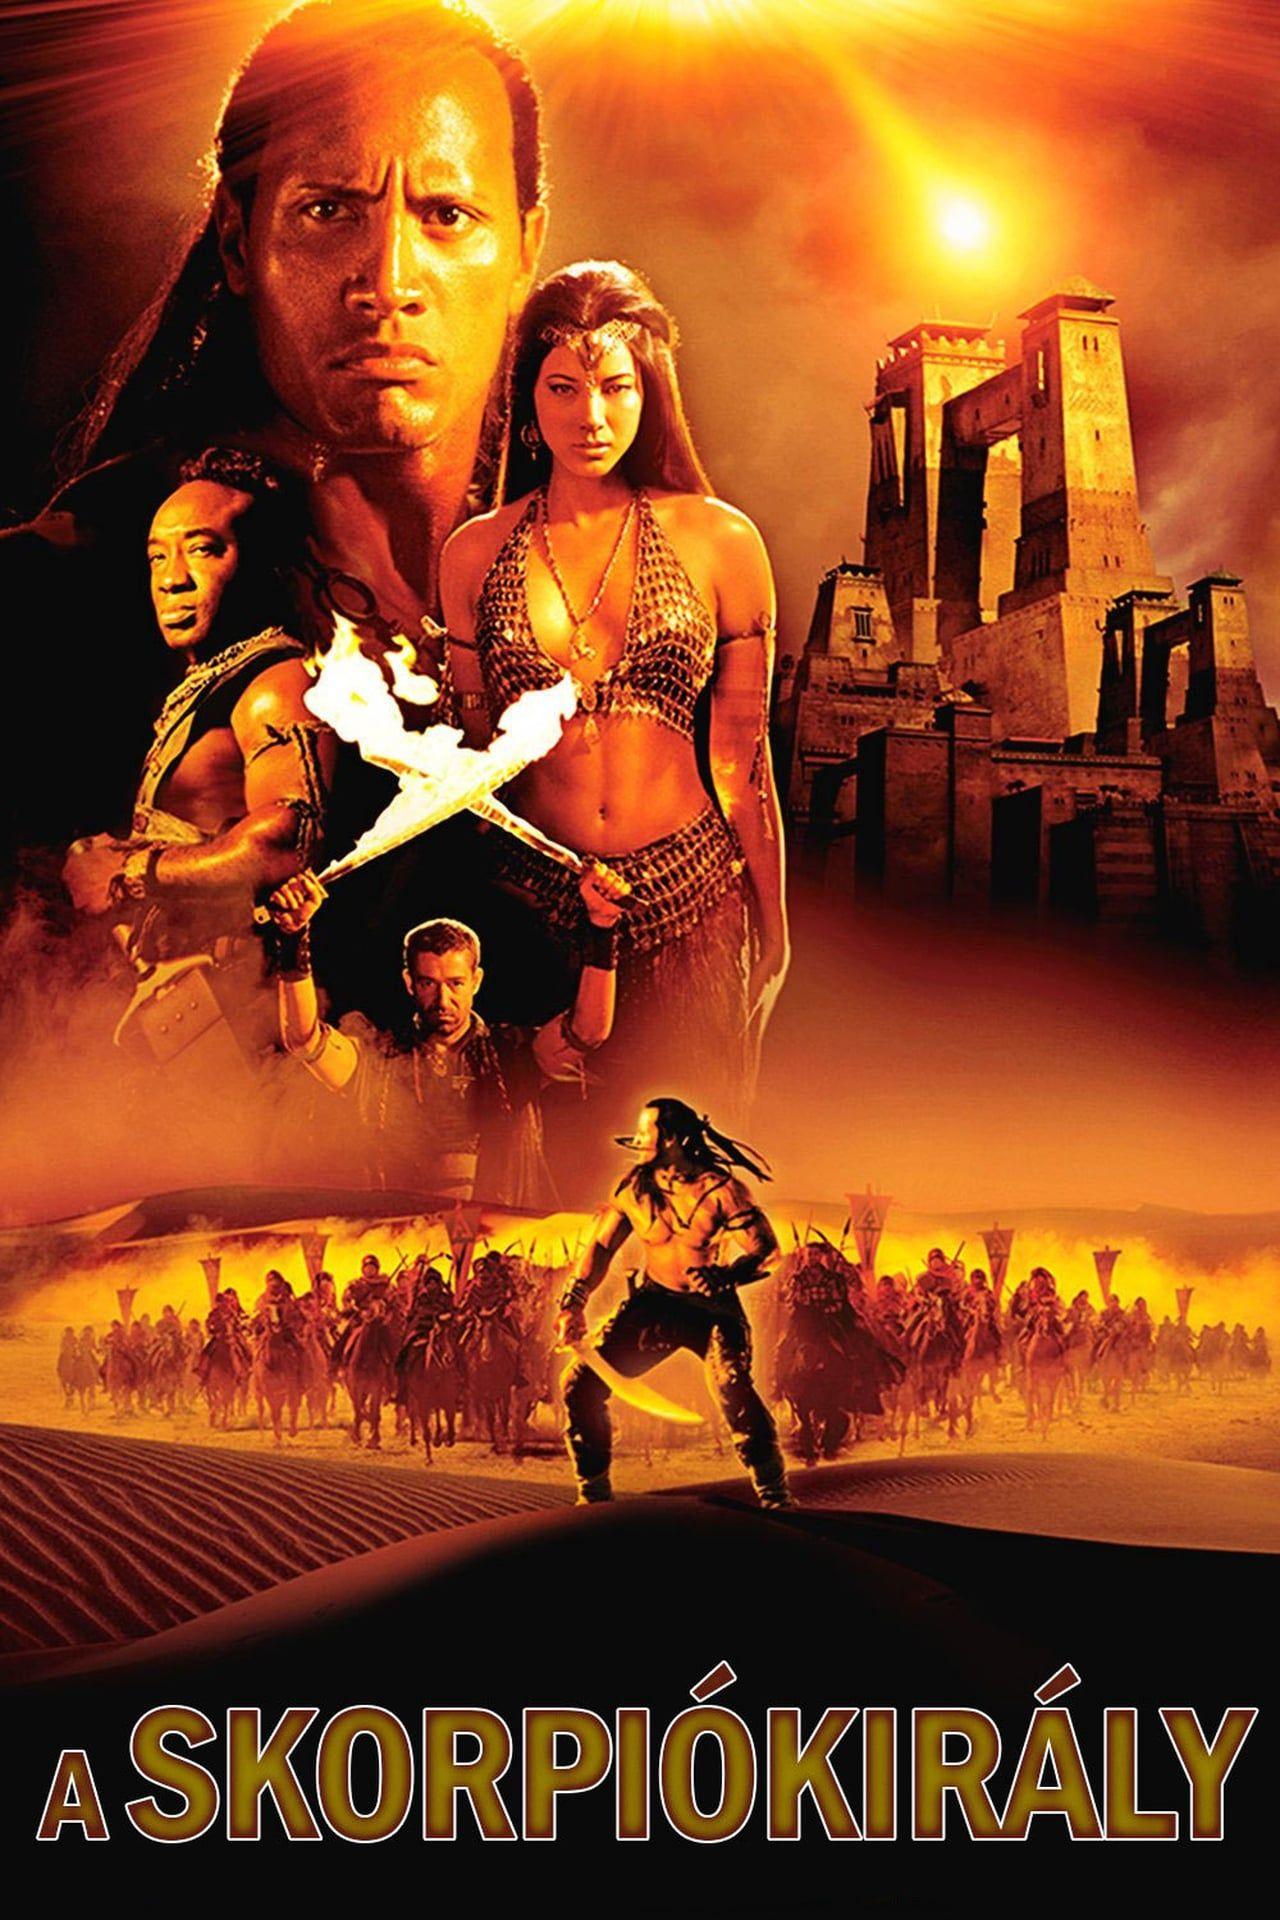 Le Roi Scorpion Dofus : scorpion, dofus, Regarder, Scorpion, [2002], Streaming, Téléchargement, Gratuit, Fetchflick, King,, Ganze, Filme,, Filme